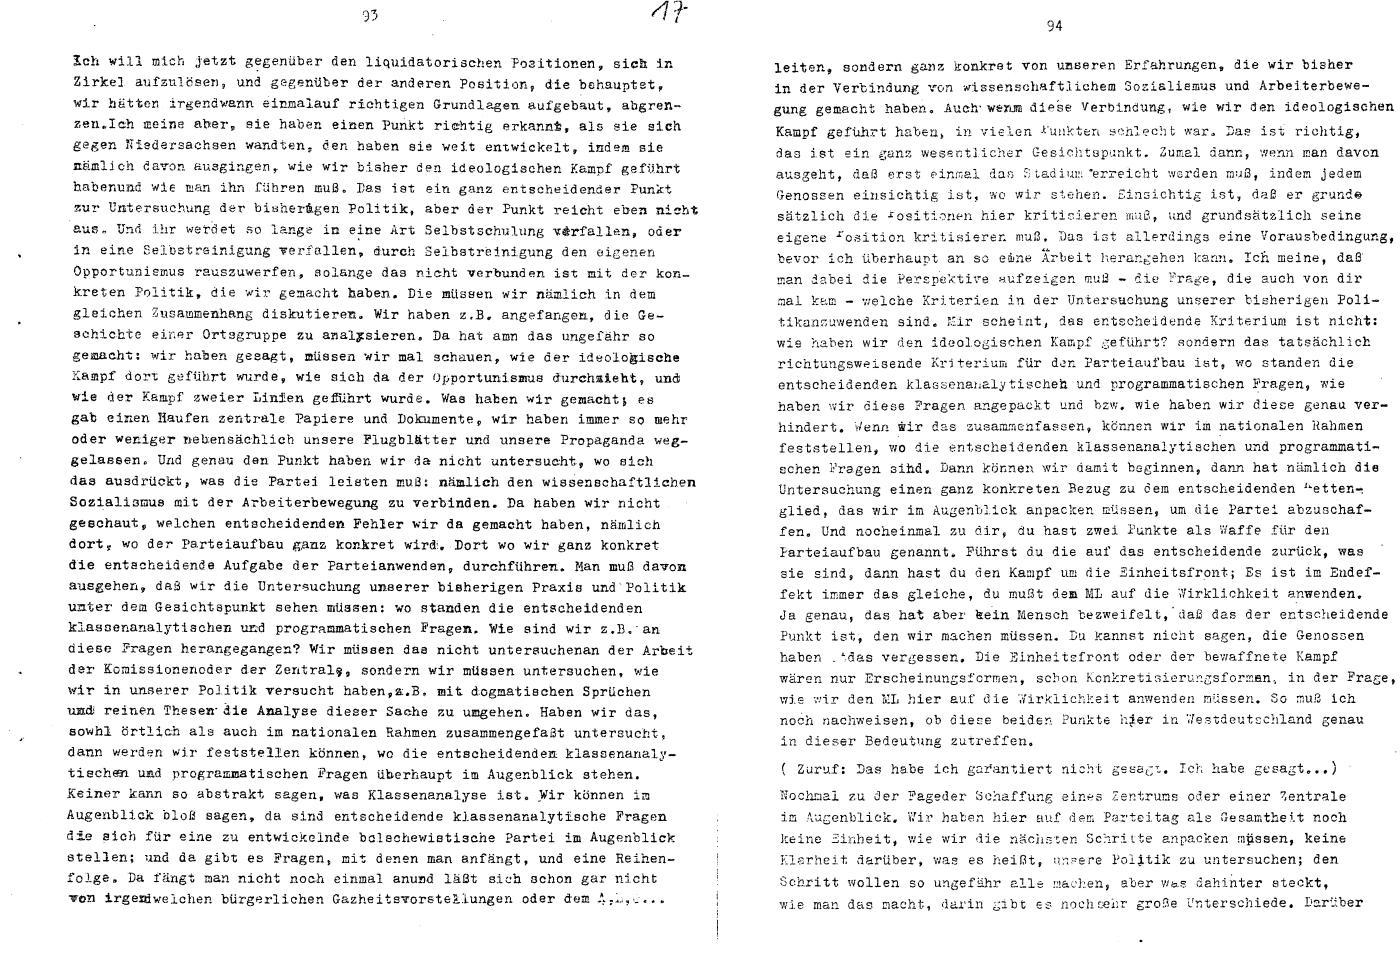 KPDML_1971_Wortprotokolle_aoPt_036